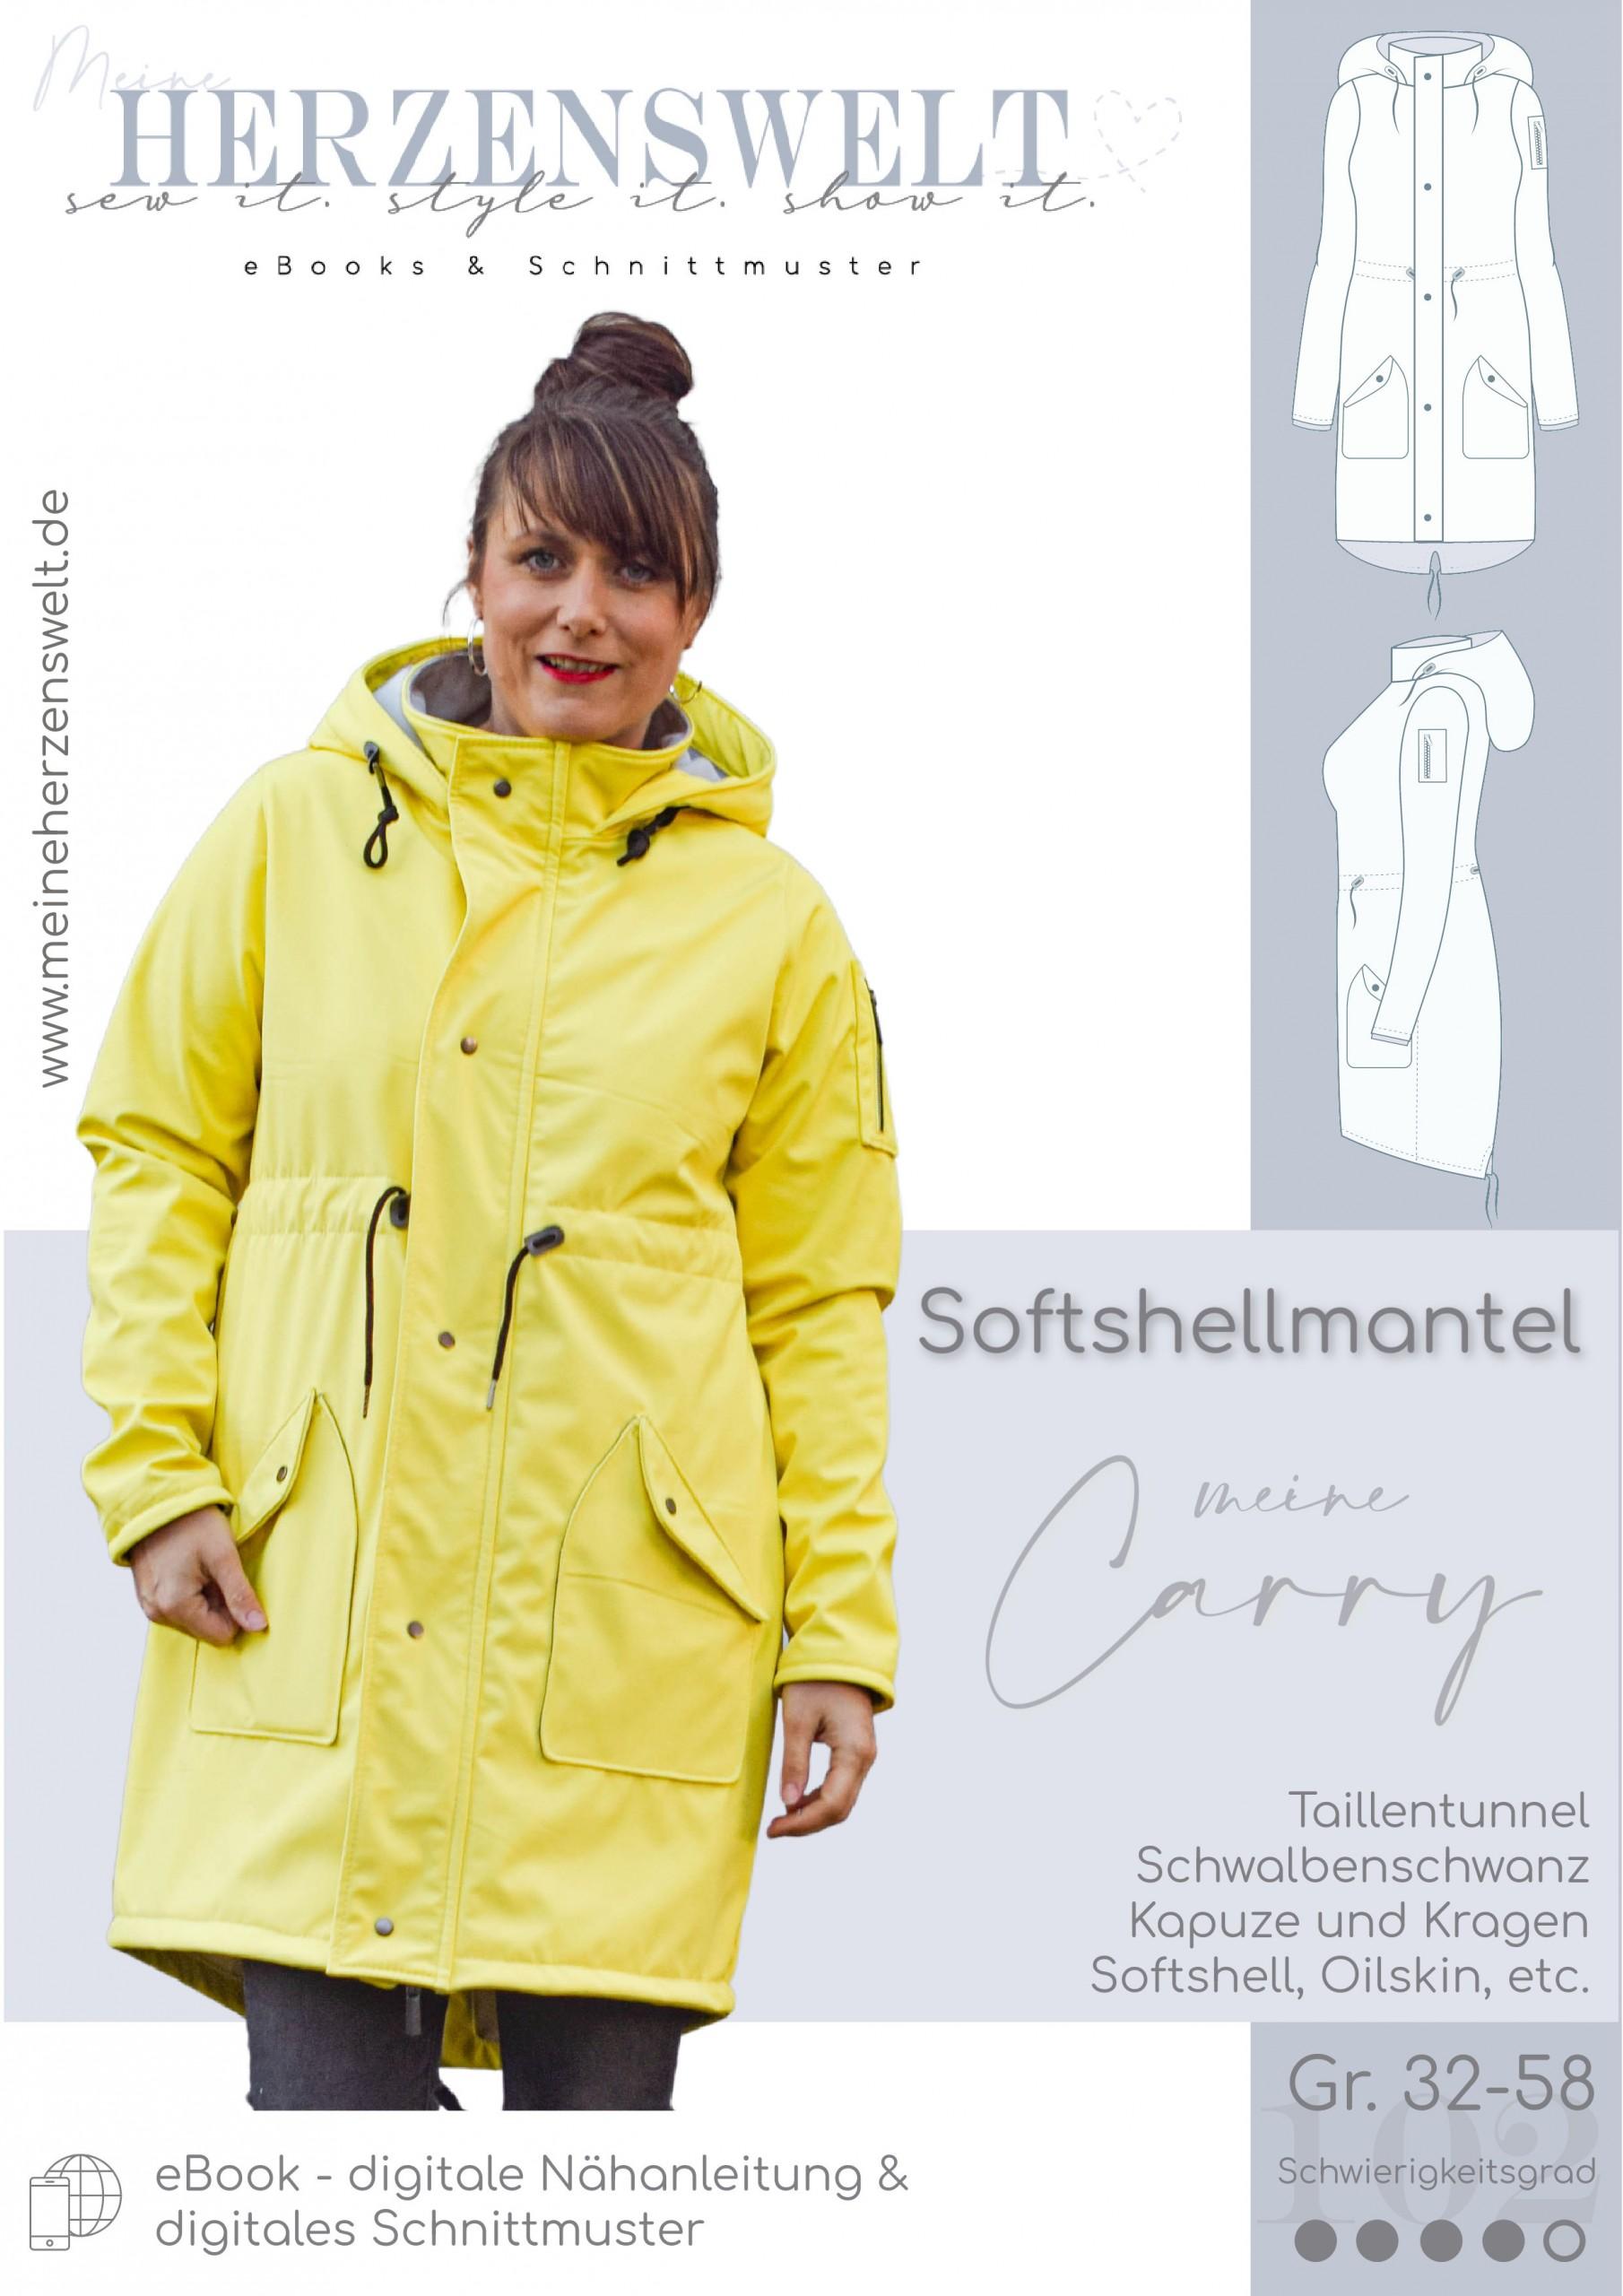 E102_ meine_Carry_Softshellmantel_Nähanleitung_Schnittmuster_meine_herzenswelt